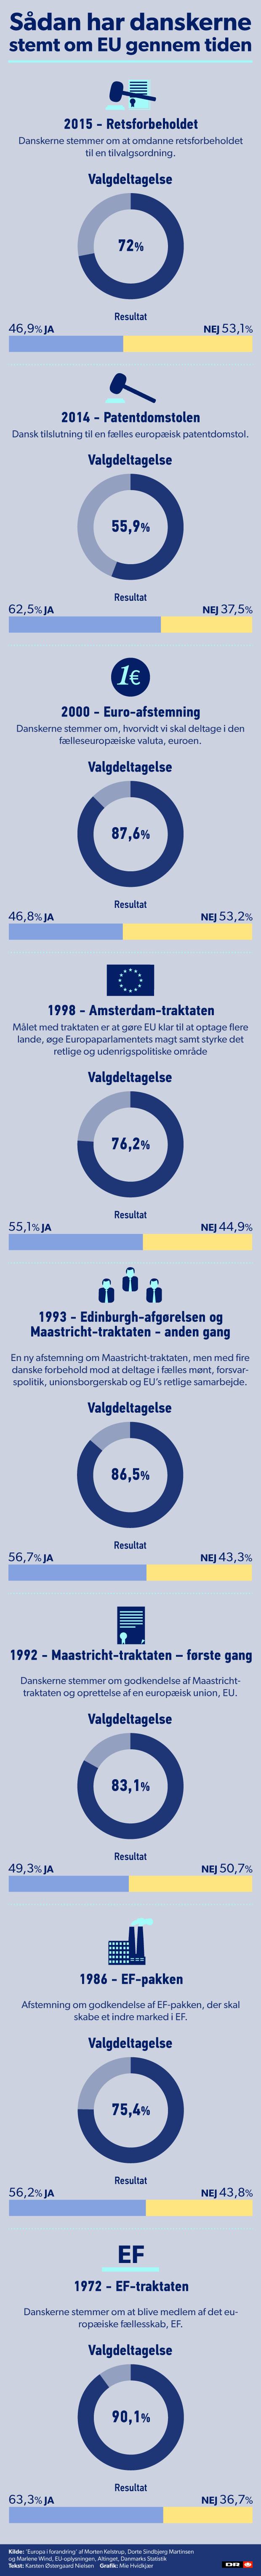 Grafik eu_stemmedeltagelse_620 opdateret.png